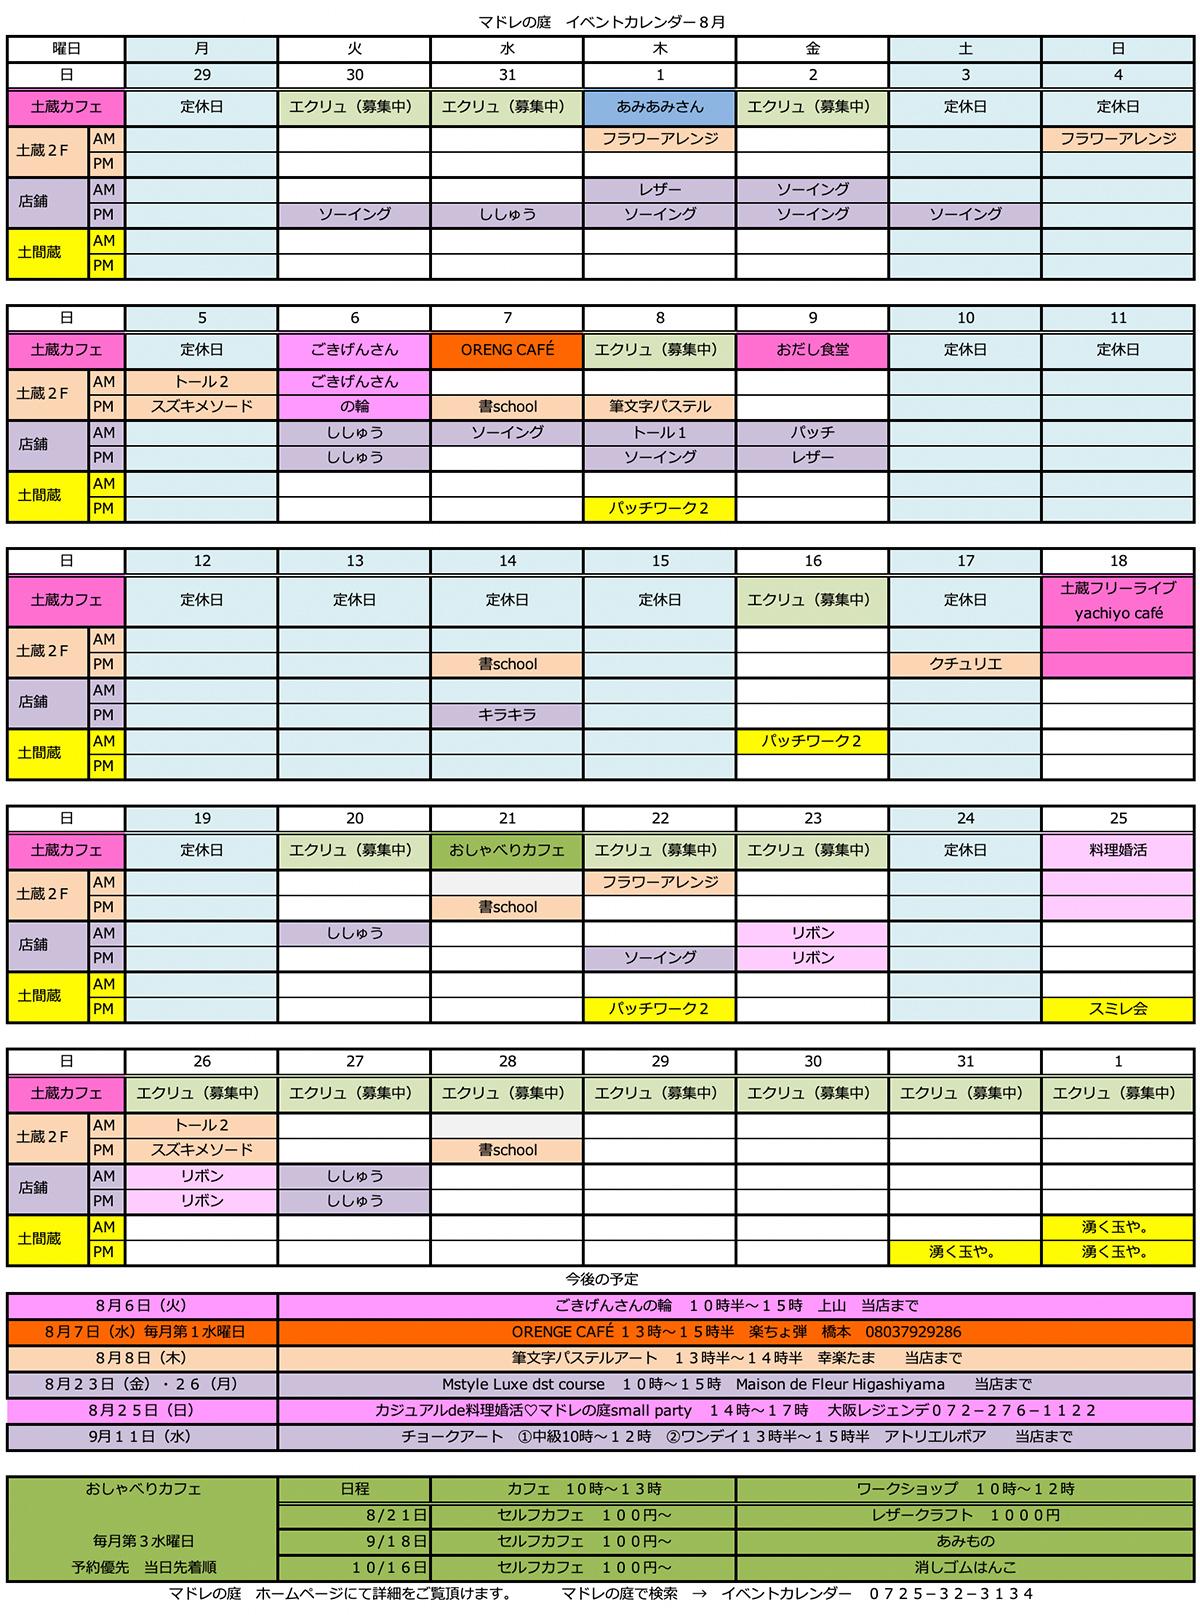 201908 泉大津市 マドレの庭イベントカレンダー レンタルカフェやクラフトワークショップなど開催日のお知らせです。